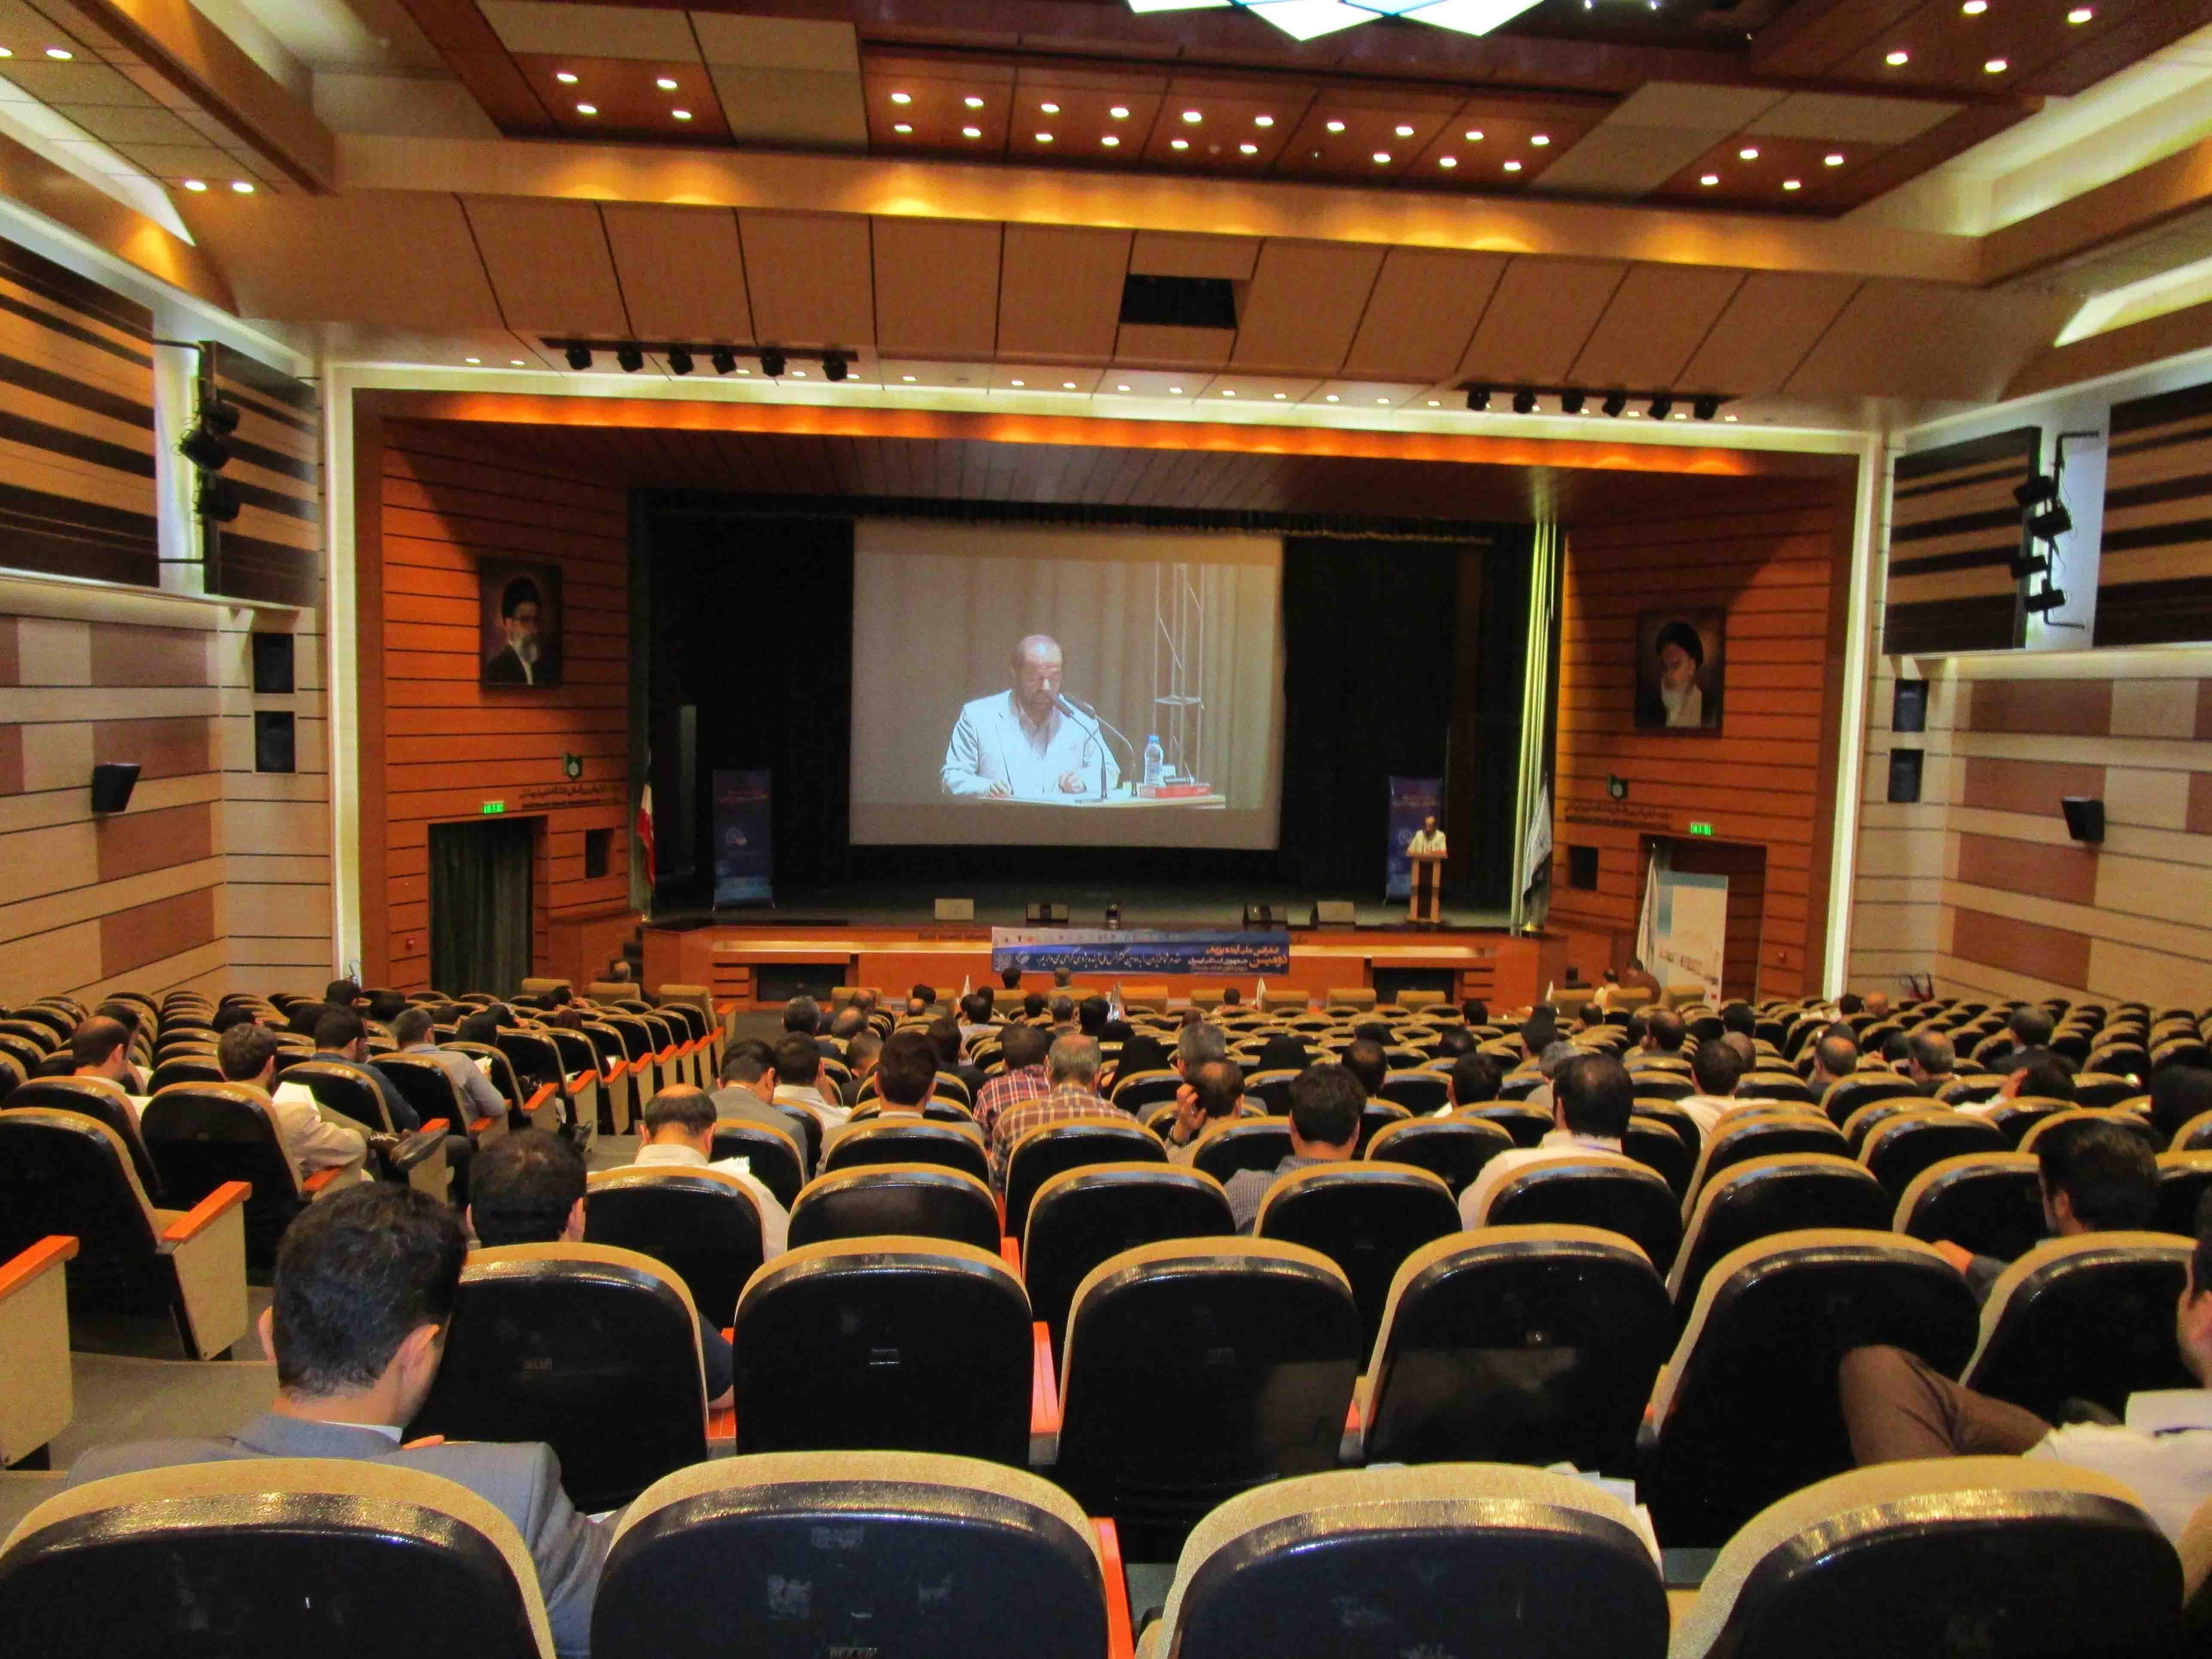 دومین کنفرانس ملی آینده پژوهی با رویکرد فناوری اطلاعات وارتباطات/17خرداد 94